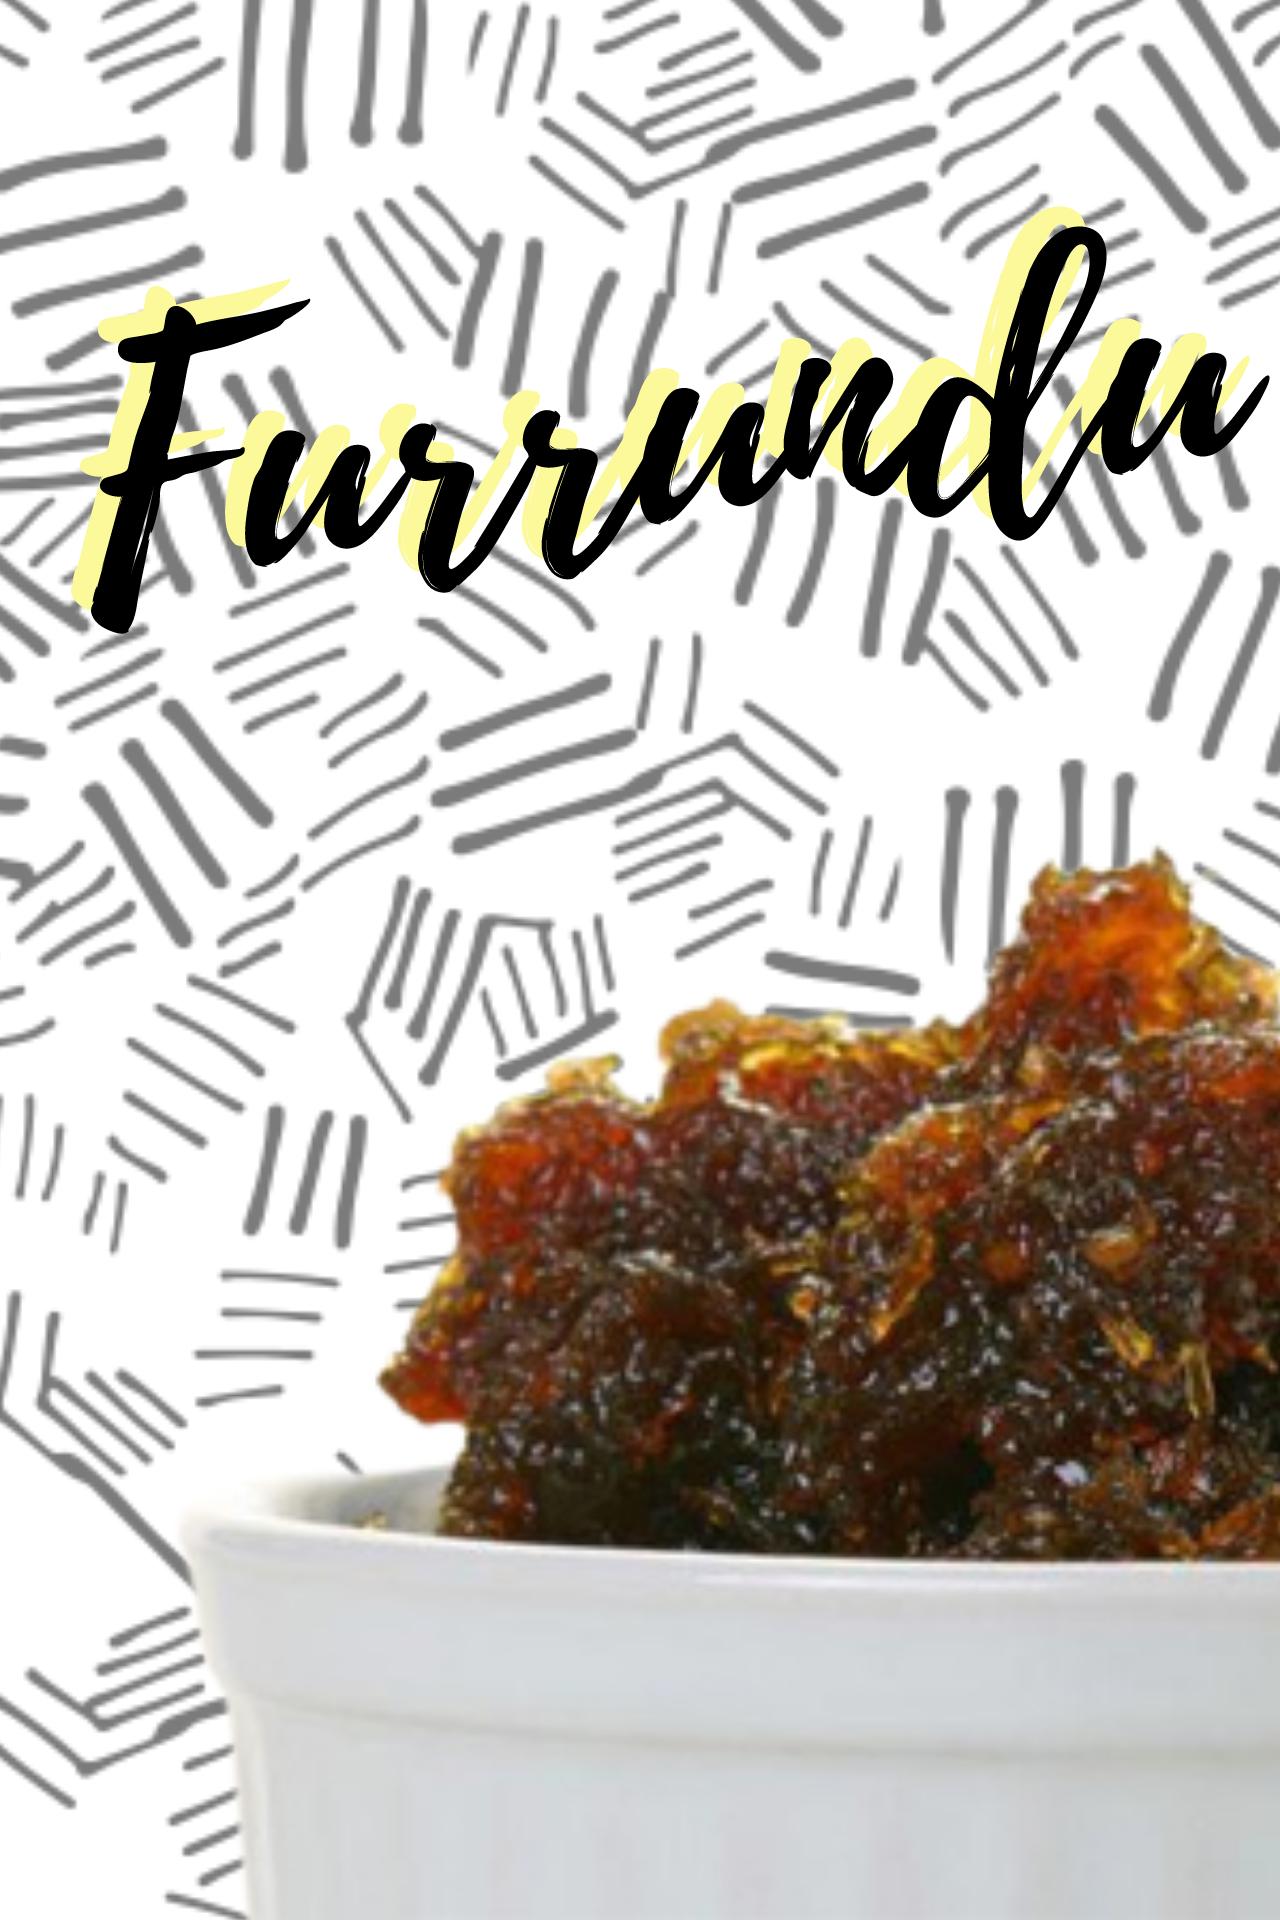 Notas sobre um doce afro-brasileiro